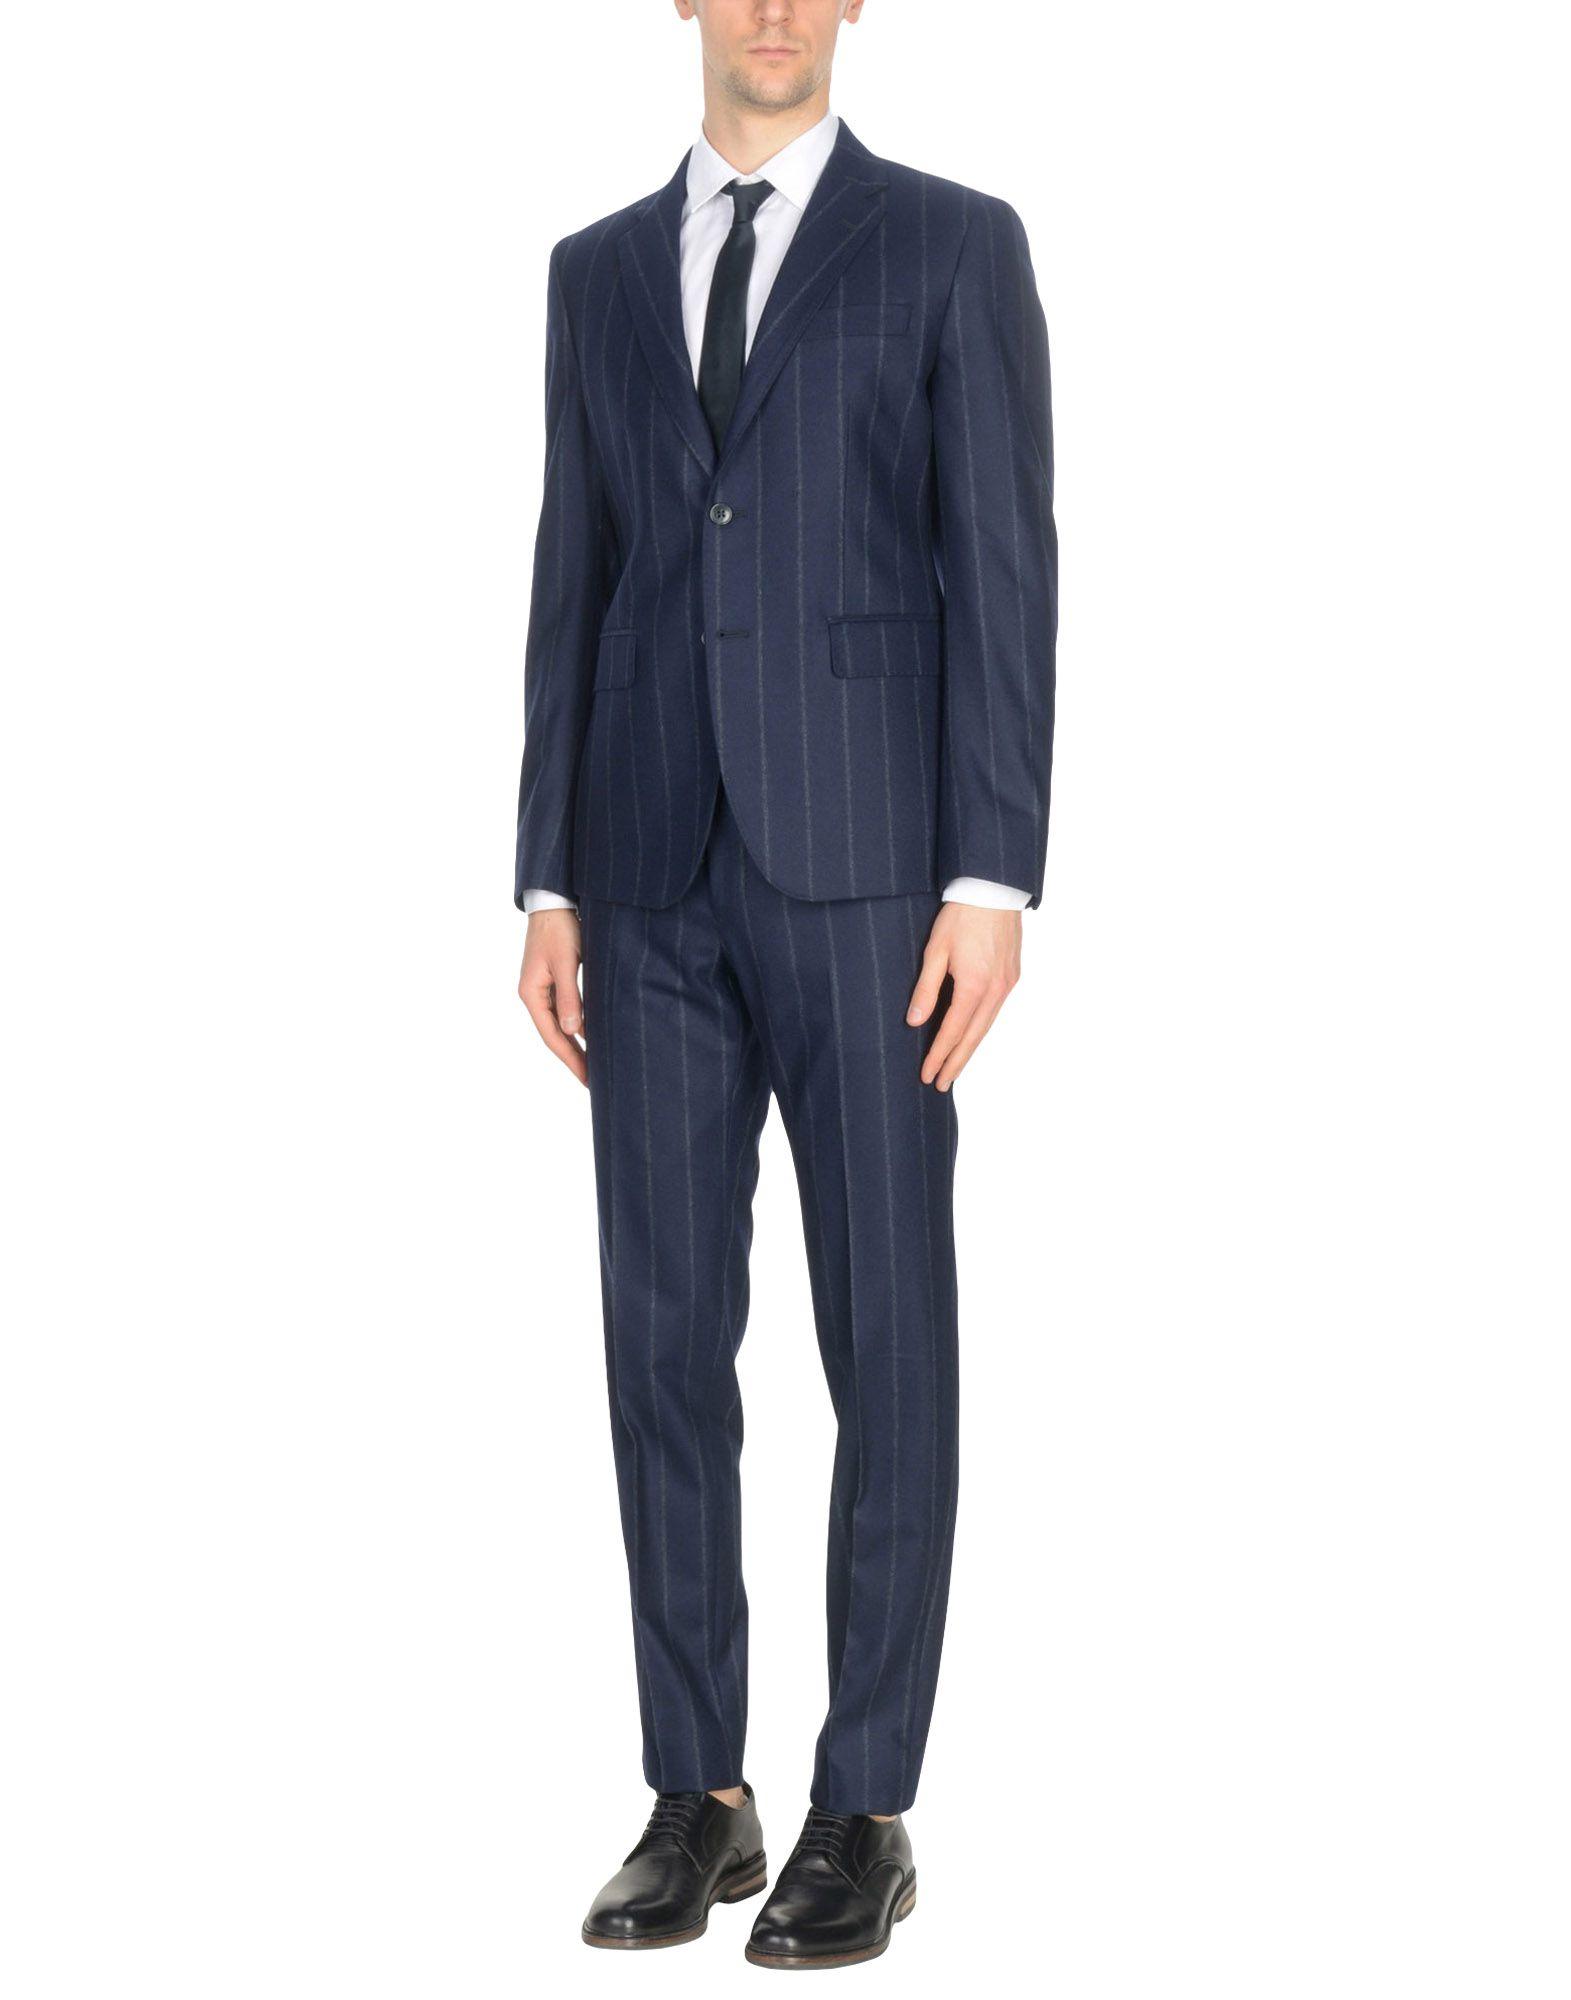 《送料無料》BRIAN DALES メンズ スーツ ダークブルー 52 ウール 100%